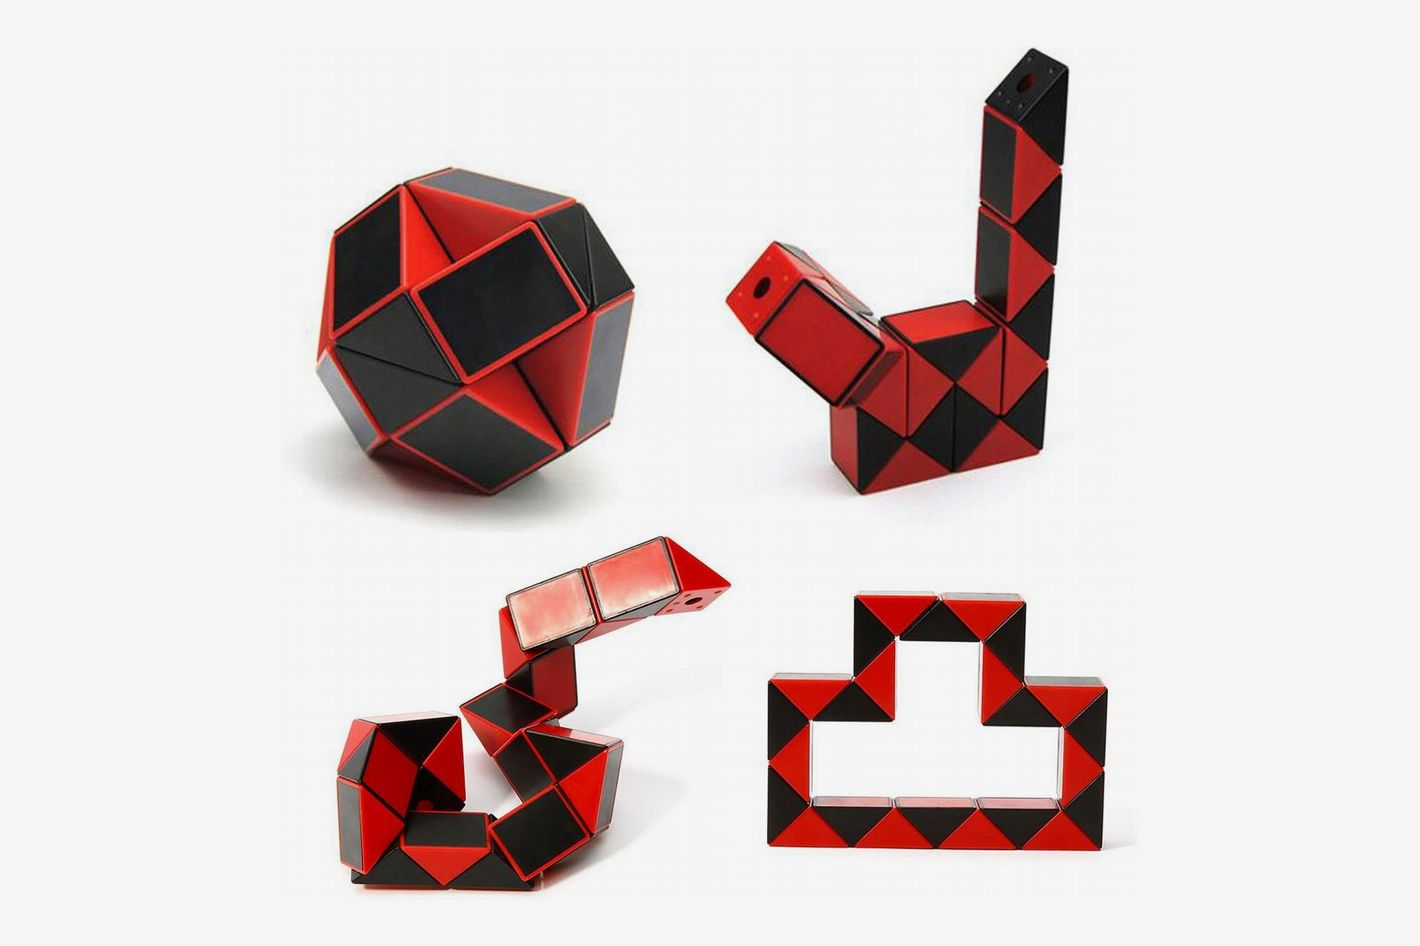 Afiken Speed Cube Magic Snake Ruler Brain Teaser Skew Toy